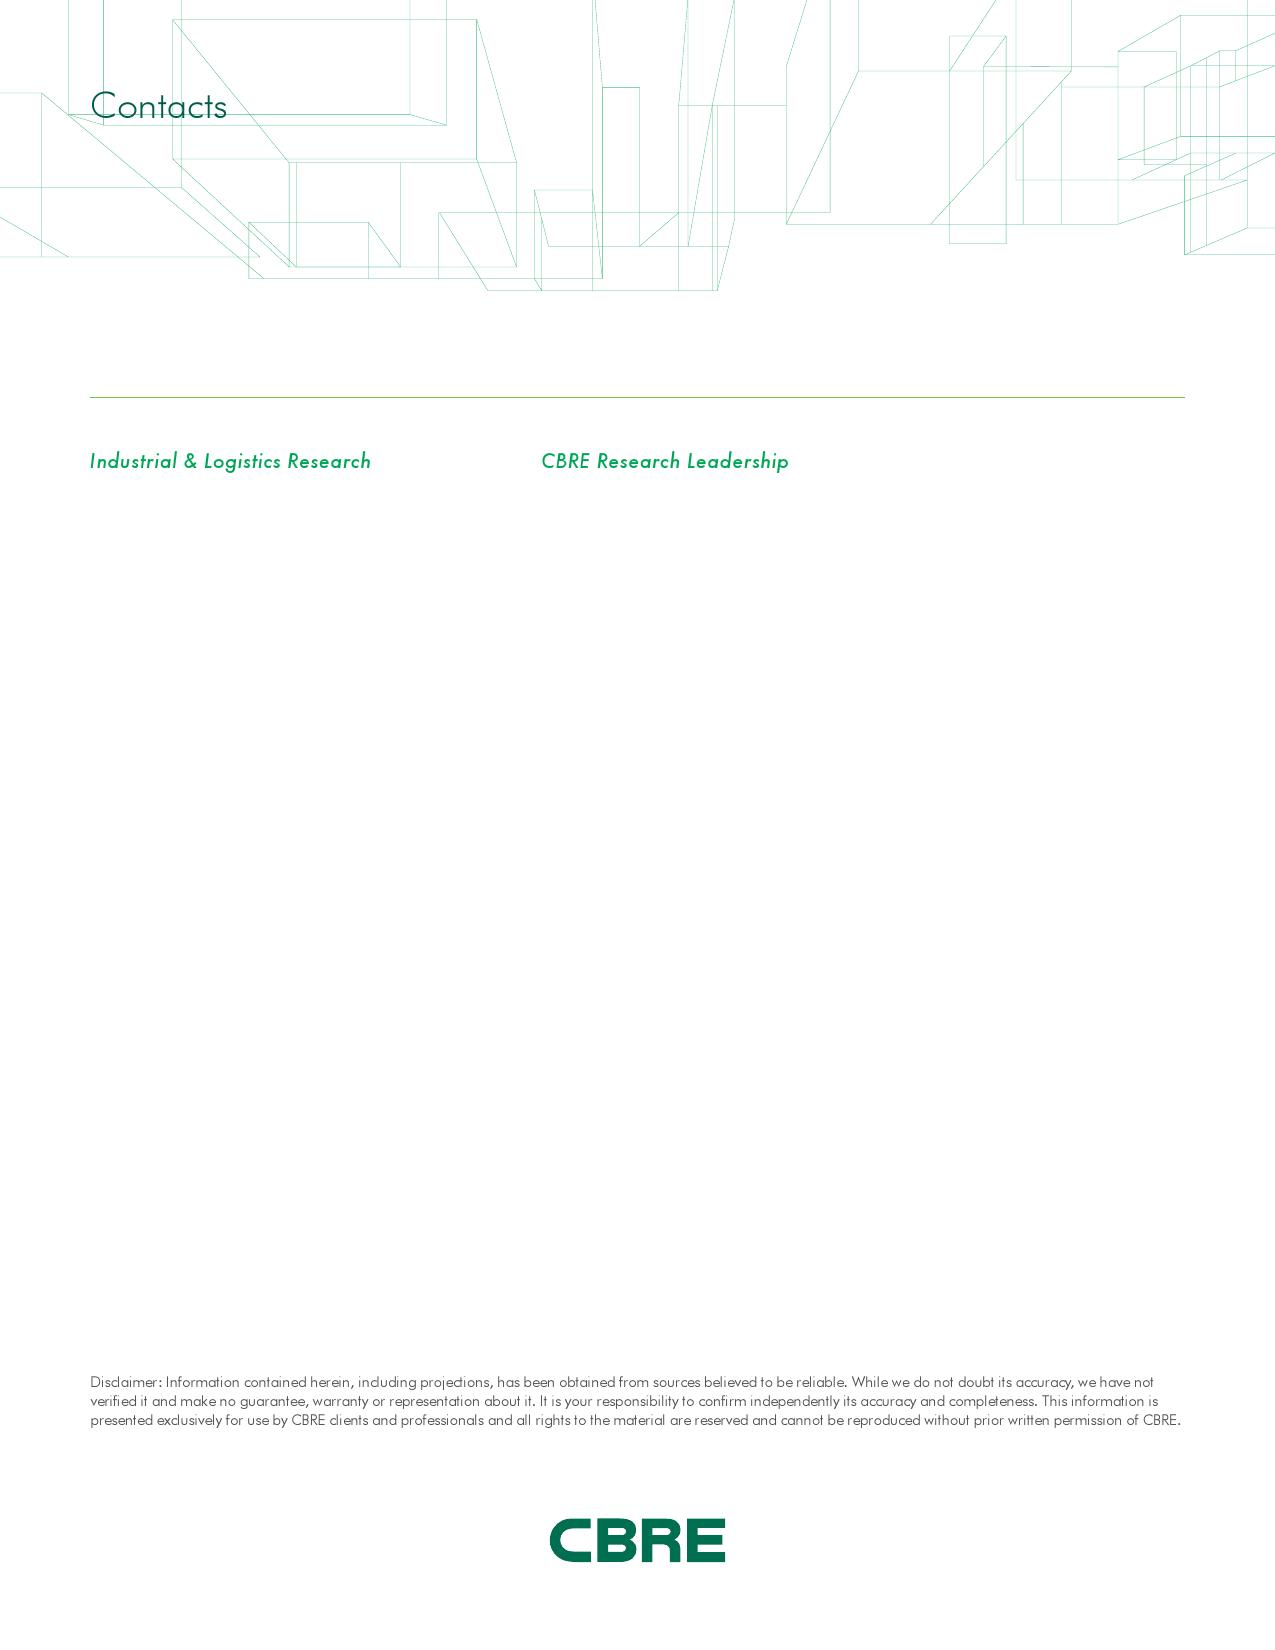 全球供应链升级-自动化技术驱动房地产变革_000022